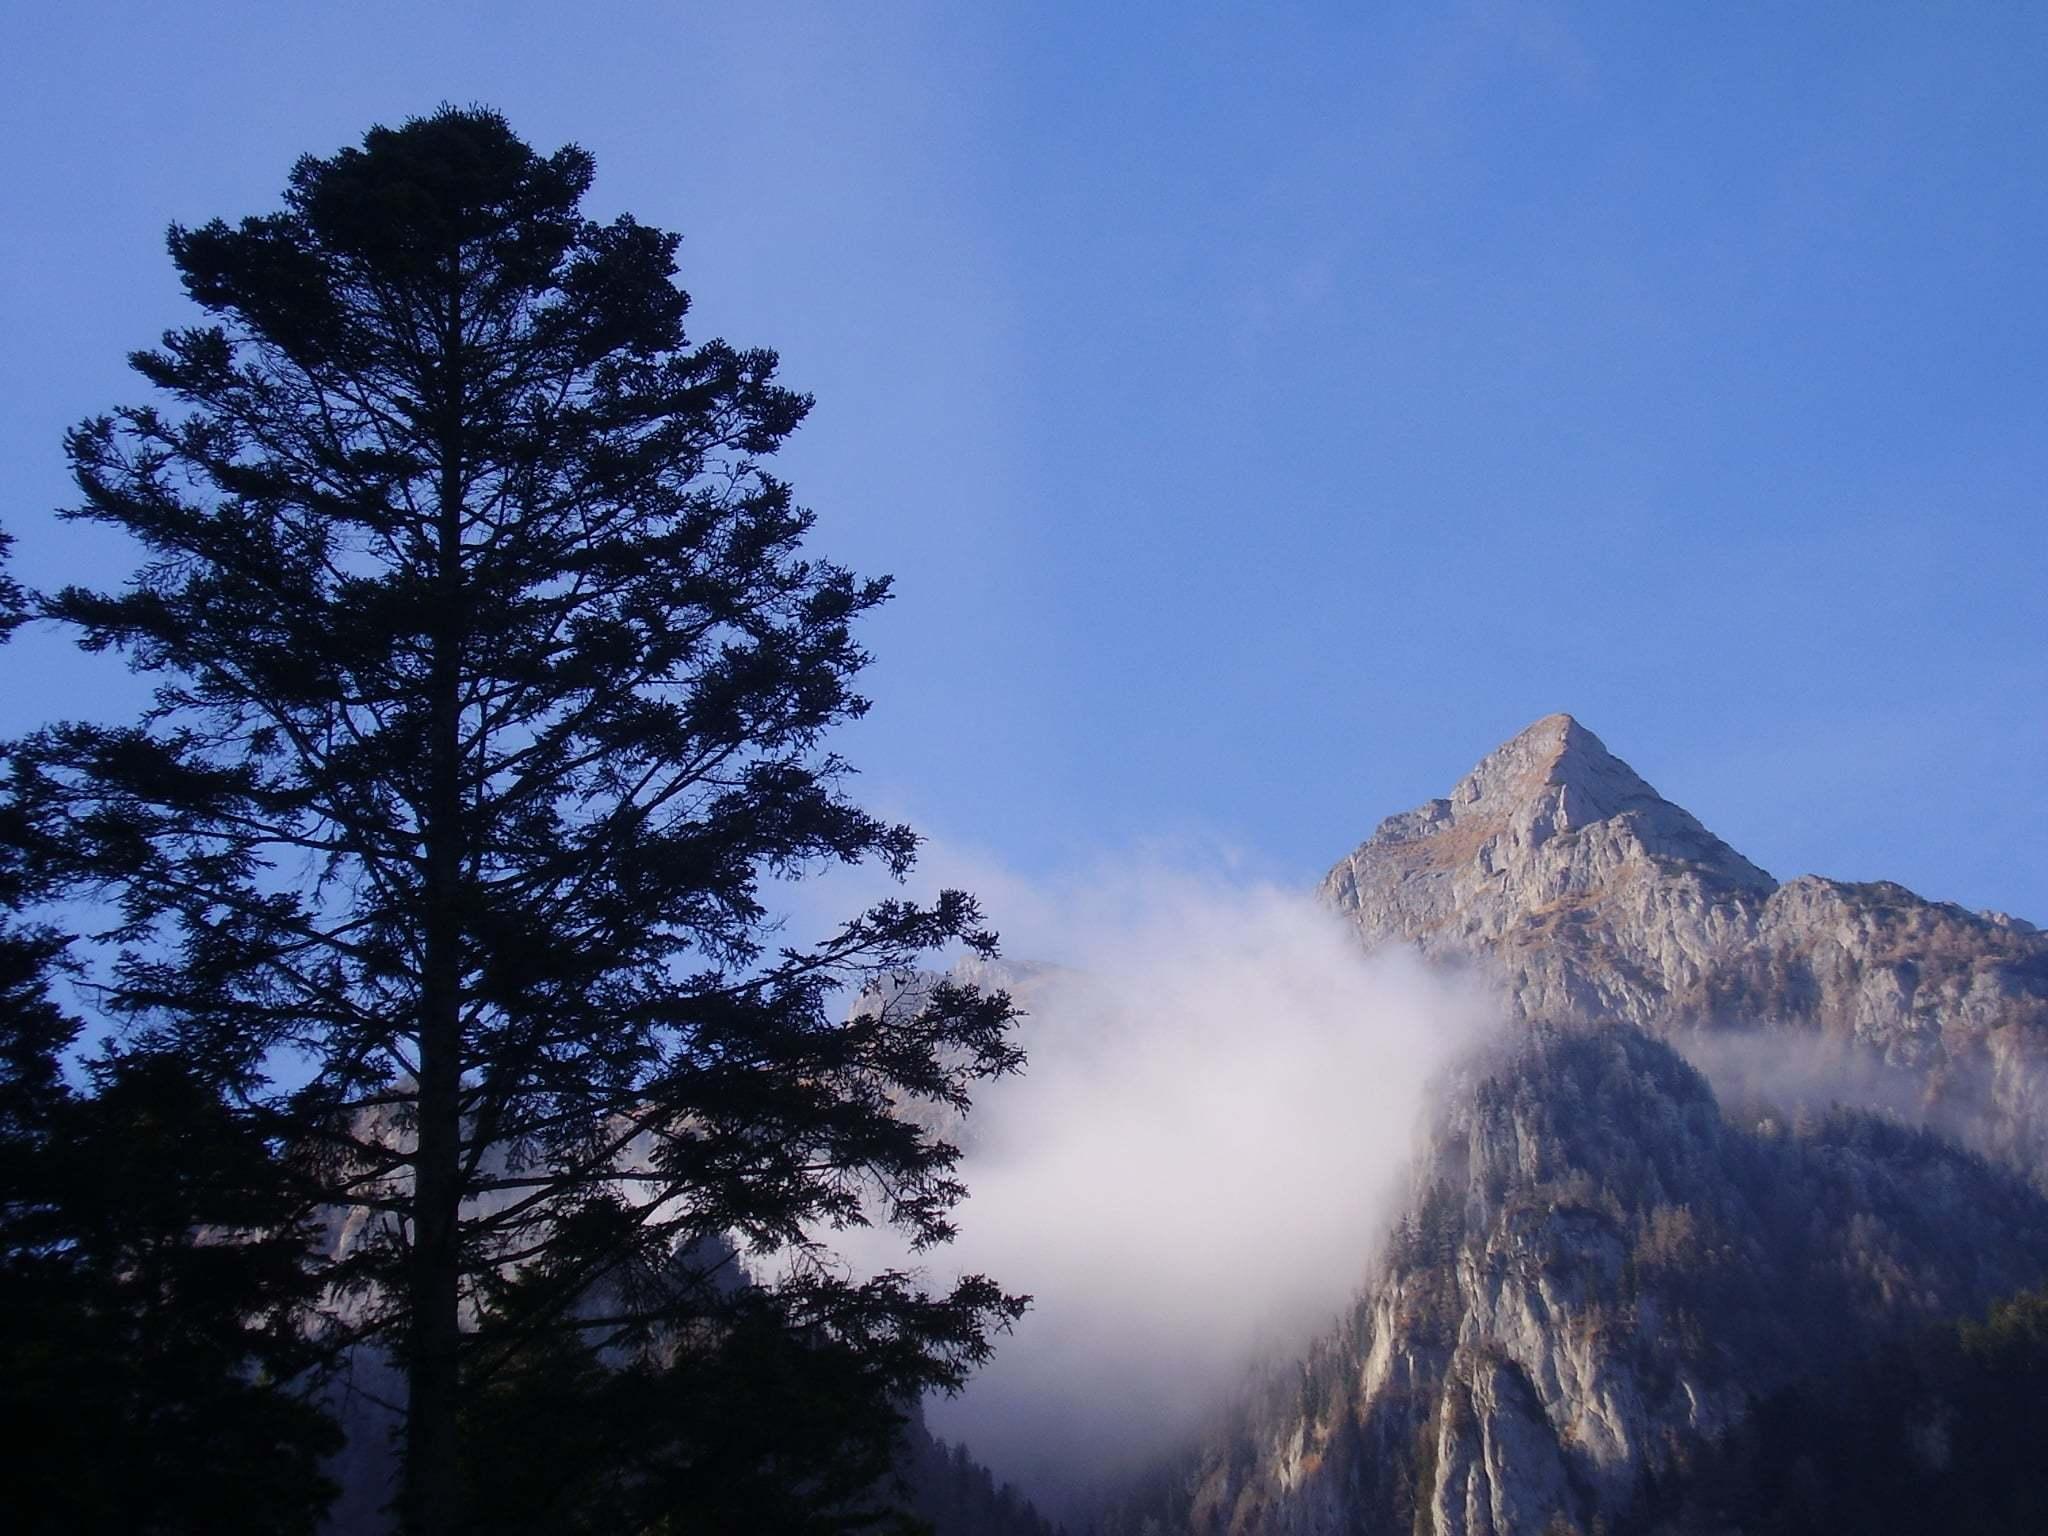 Yüksek dağlar ve bulutlar